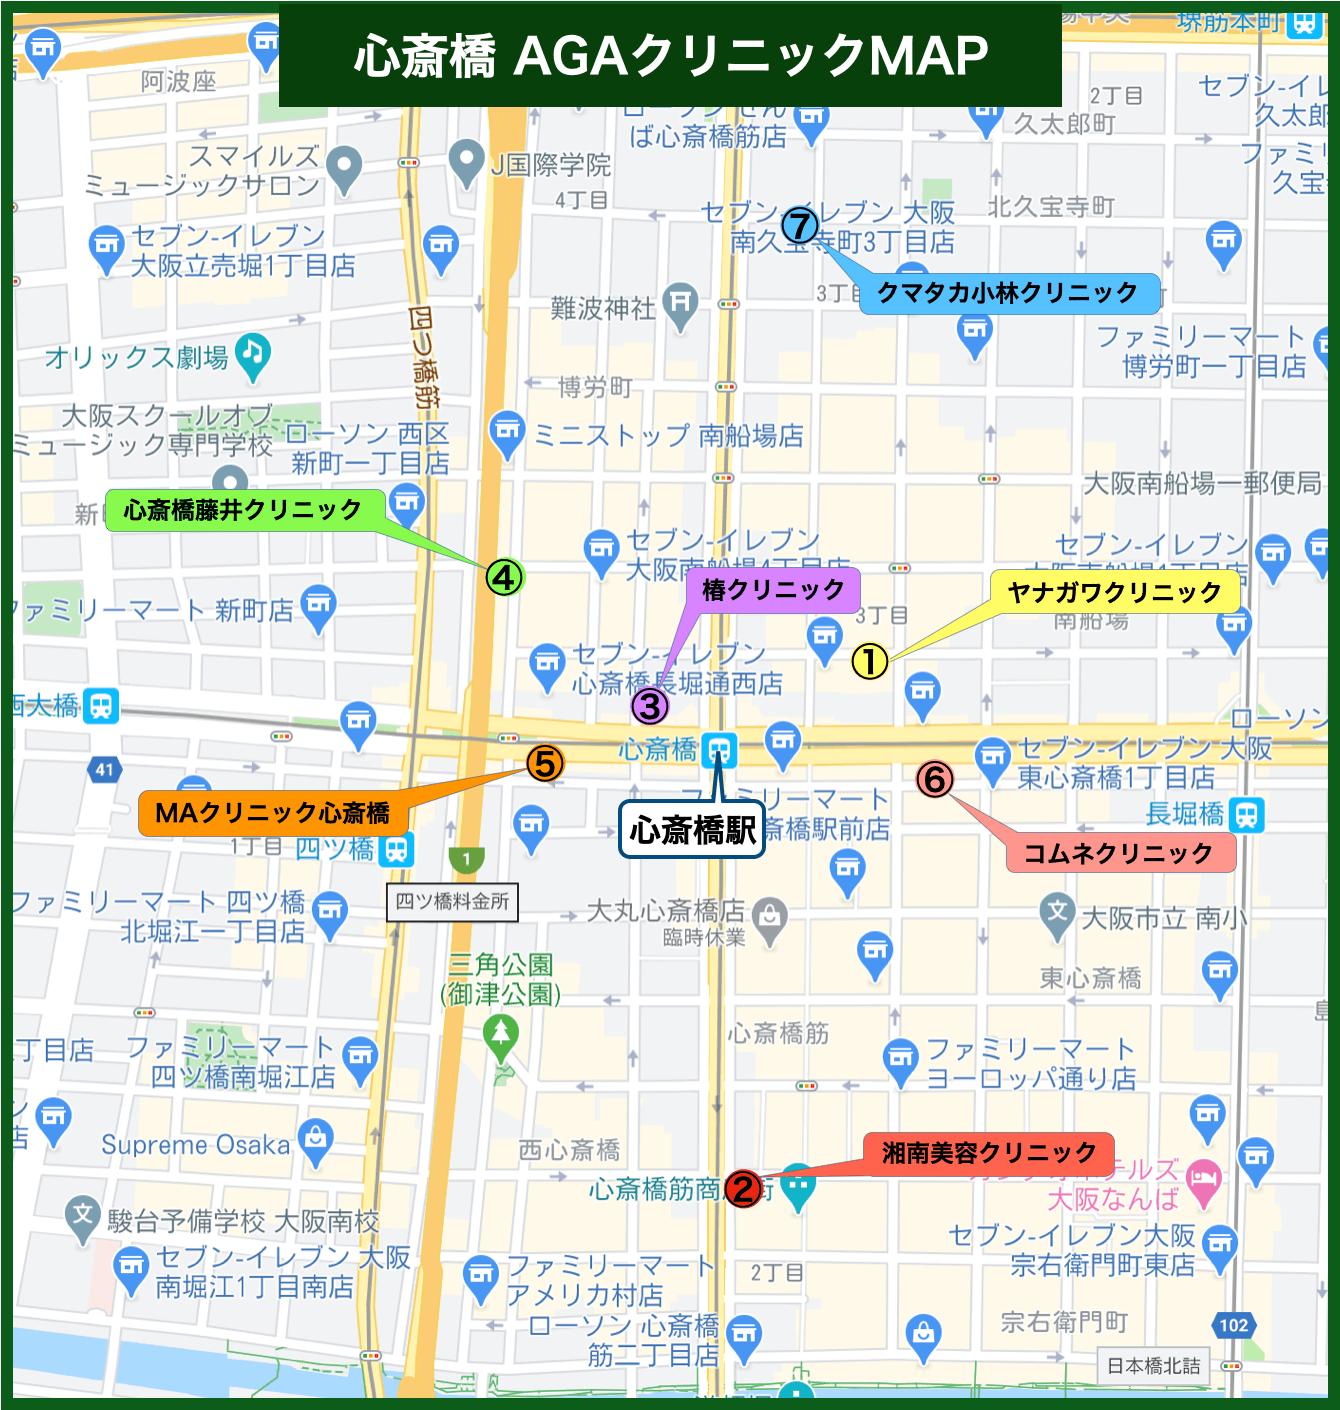 心斎橋 AGAクリニックMAP